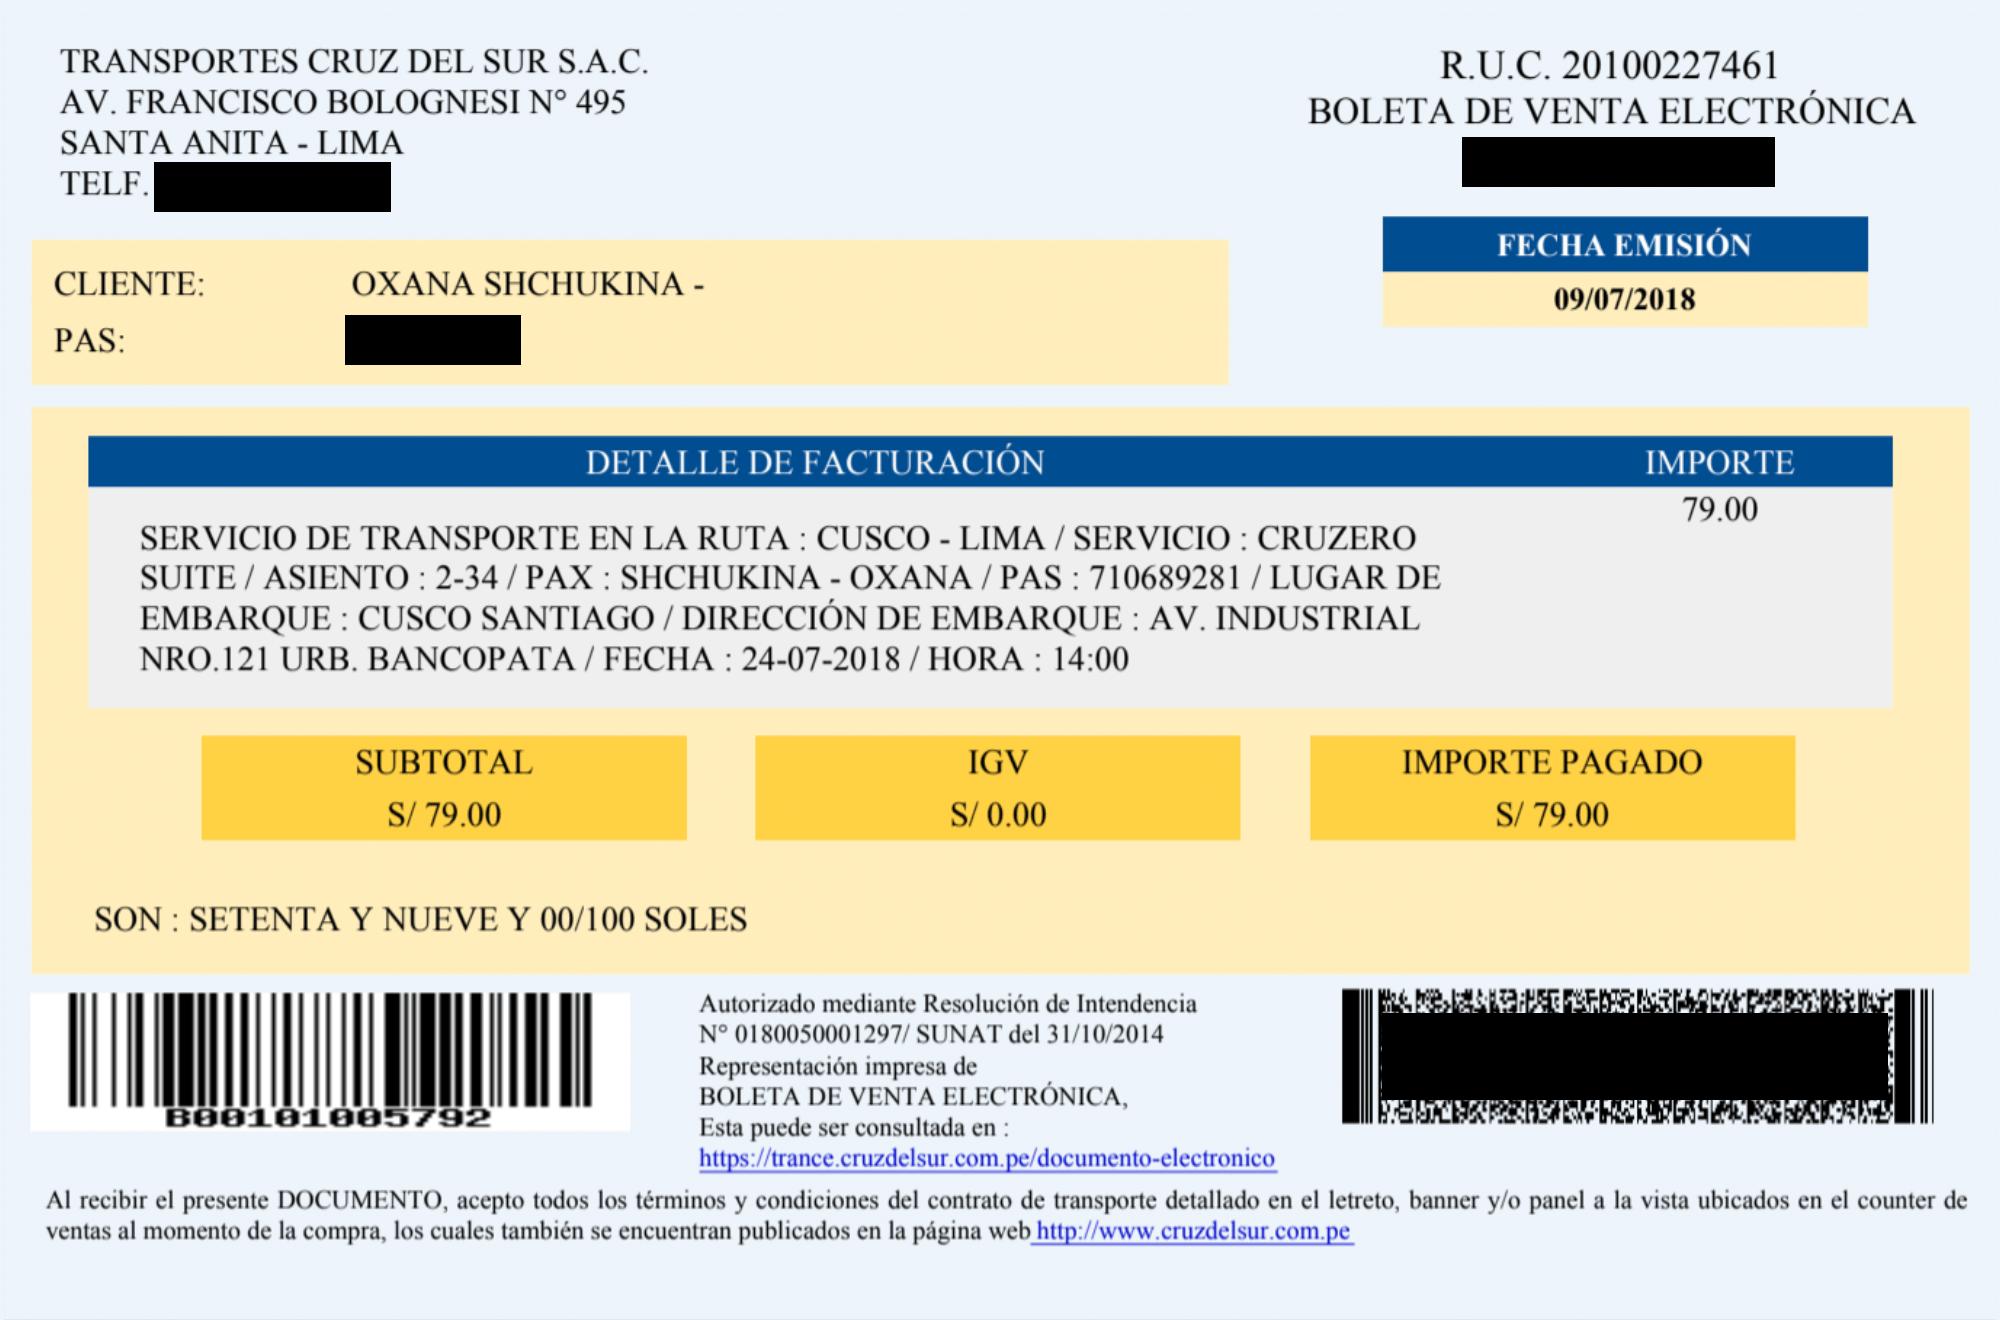 Билет обошелся мне в 79 солей (1580 р.). В нем указаны маршрут, место и время отправления. Поездка заняла 21 час. При посадке требовался оригинал паспорта